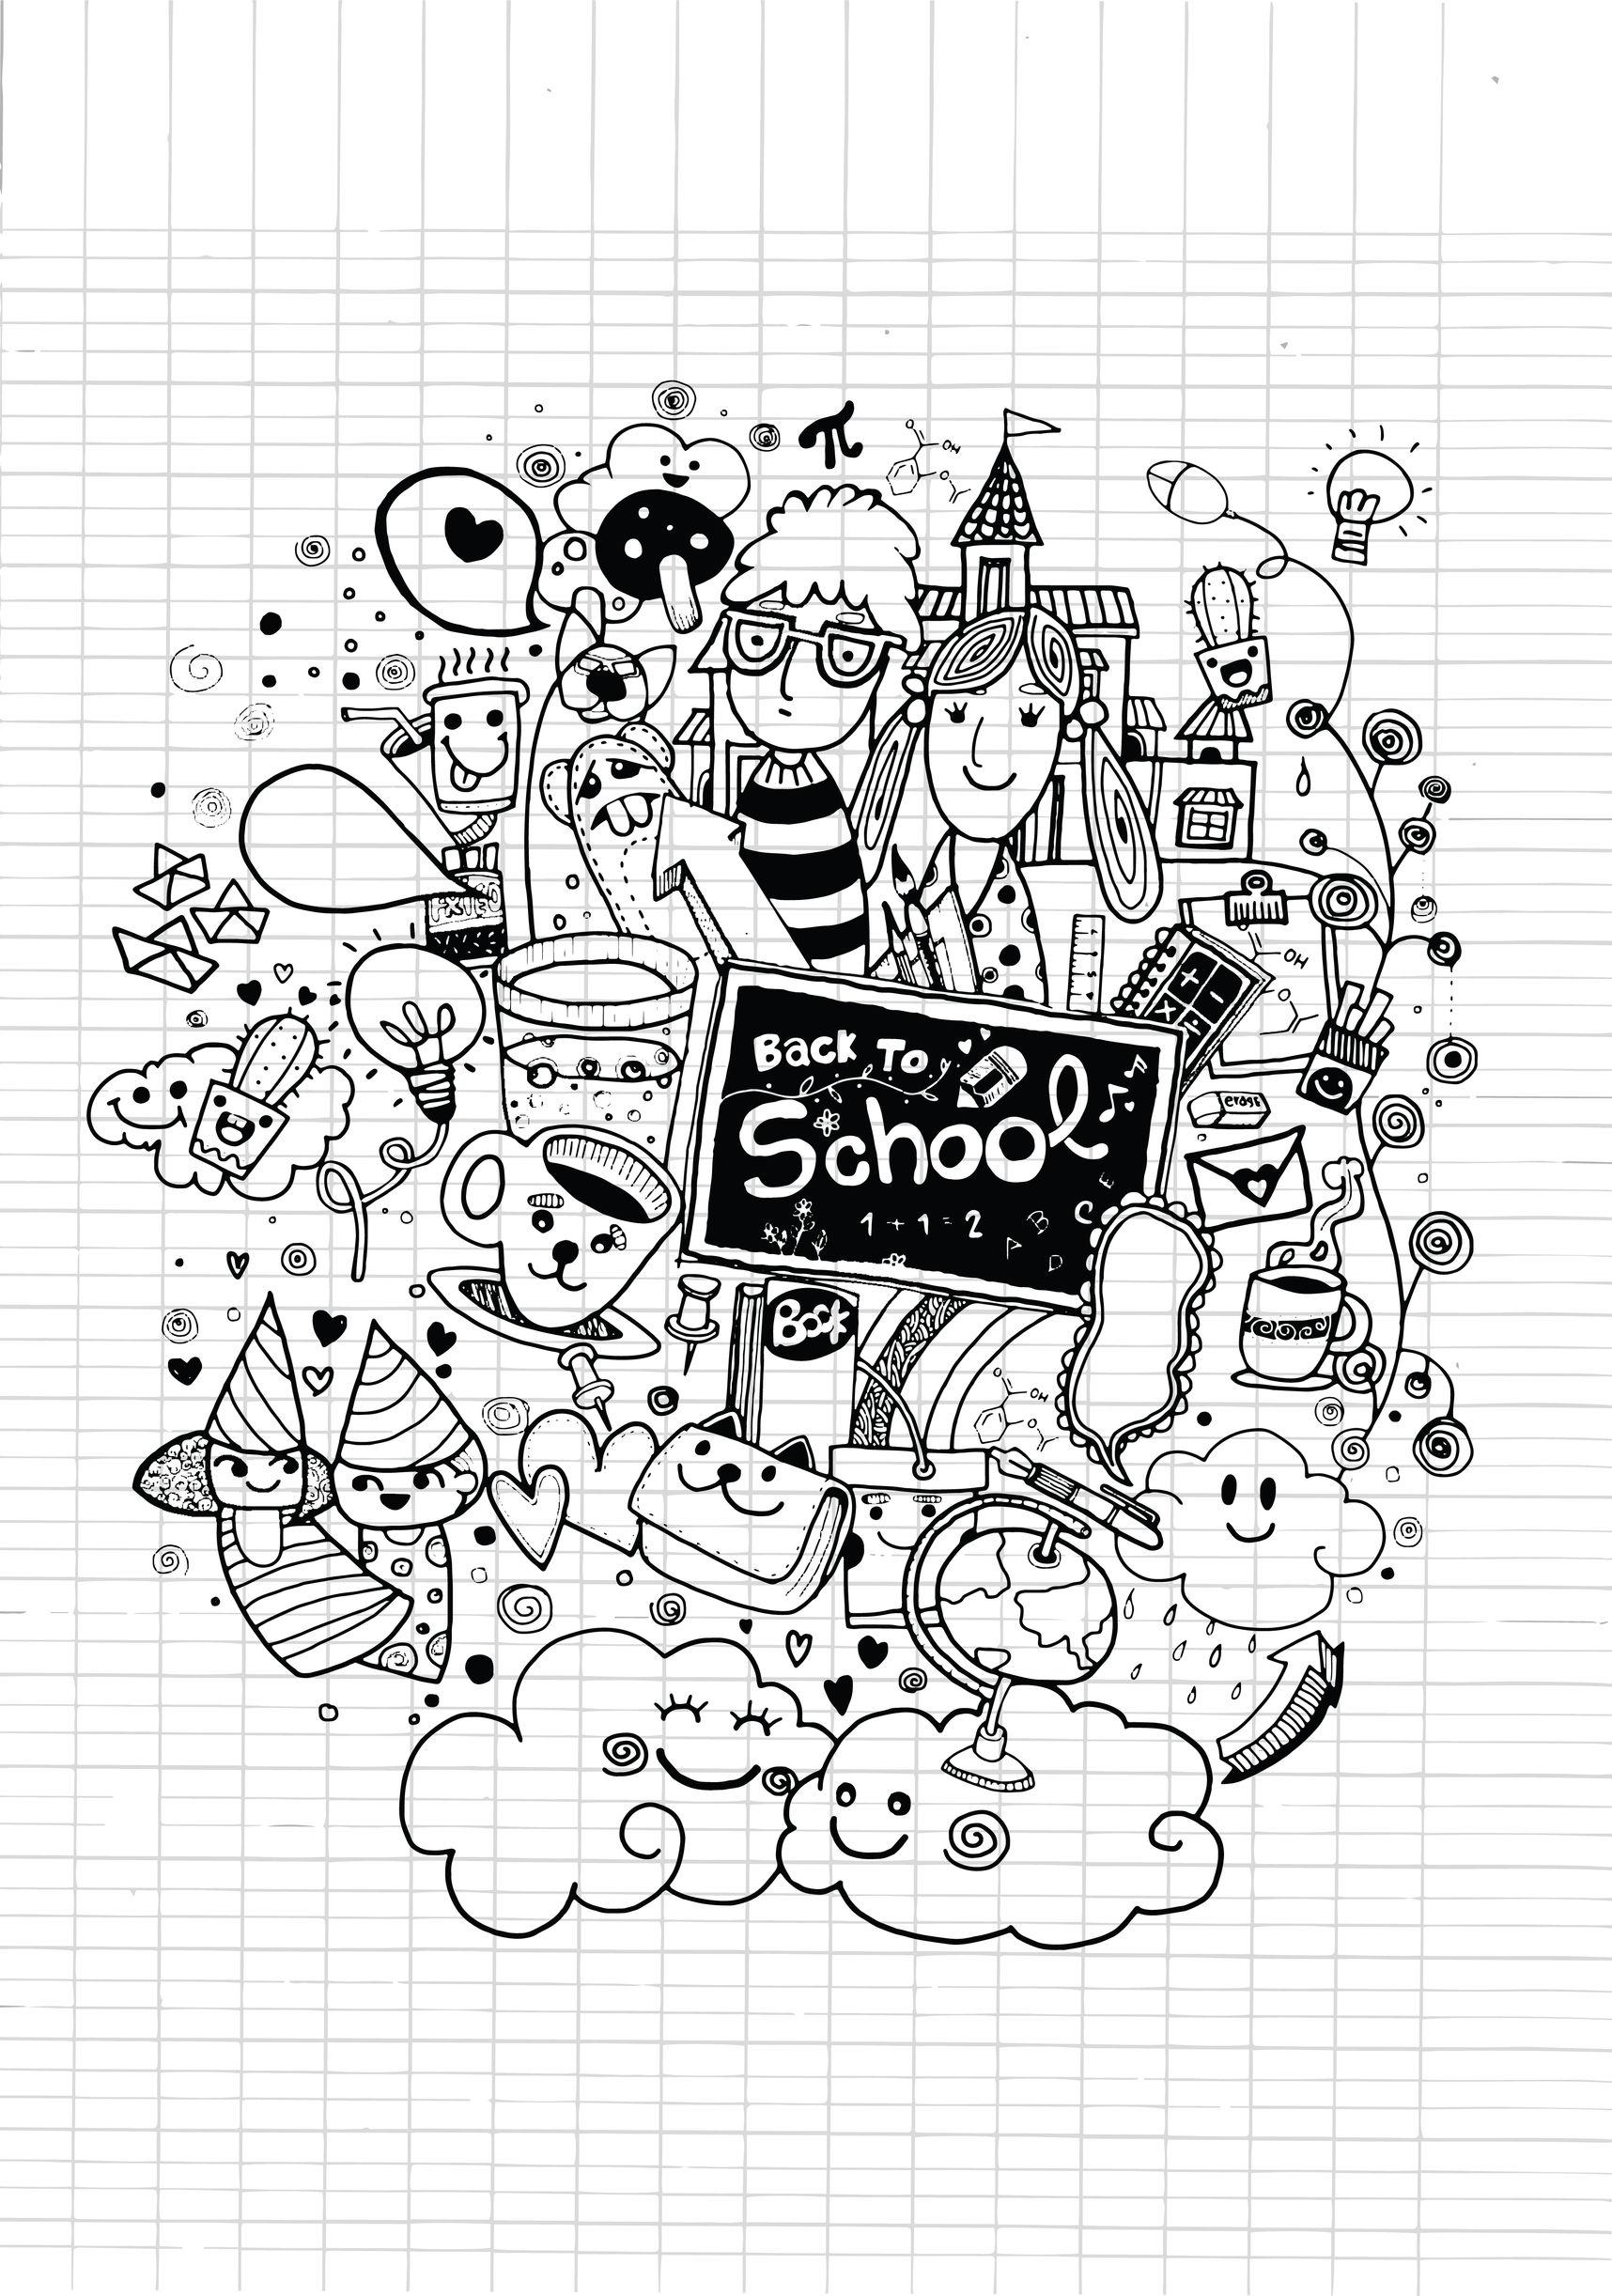 Doodle rentree des classes sur cahier doodles - Dessin classe ...